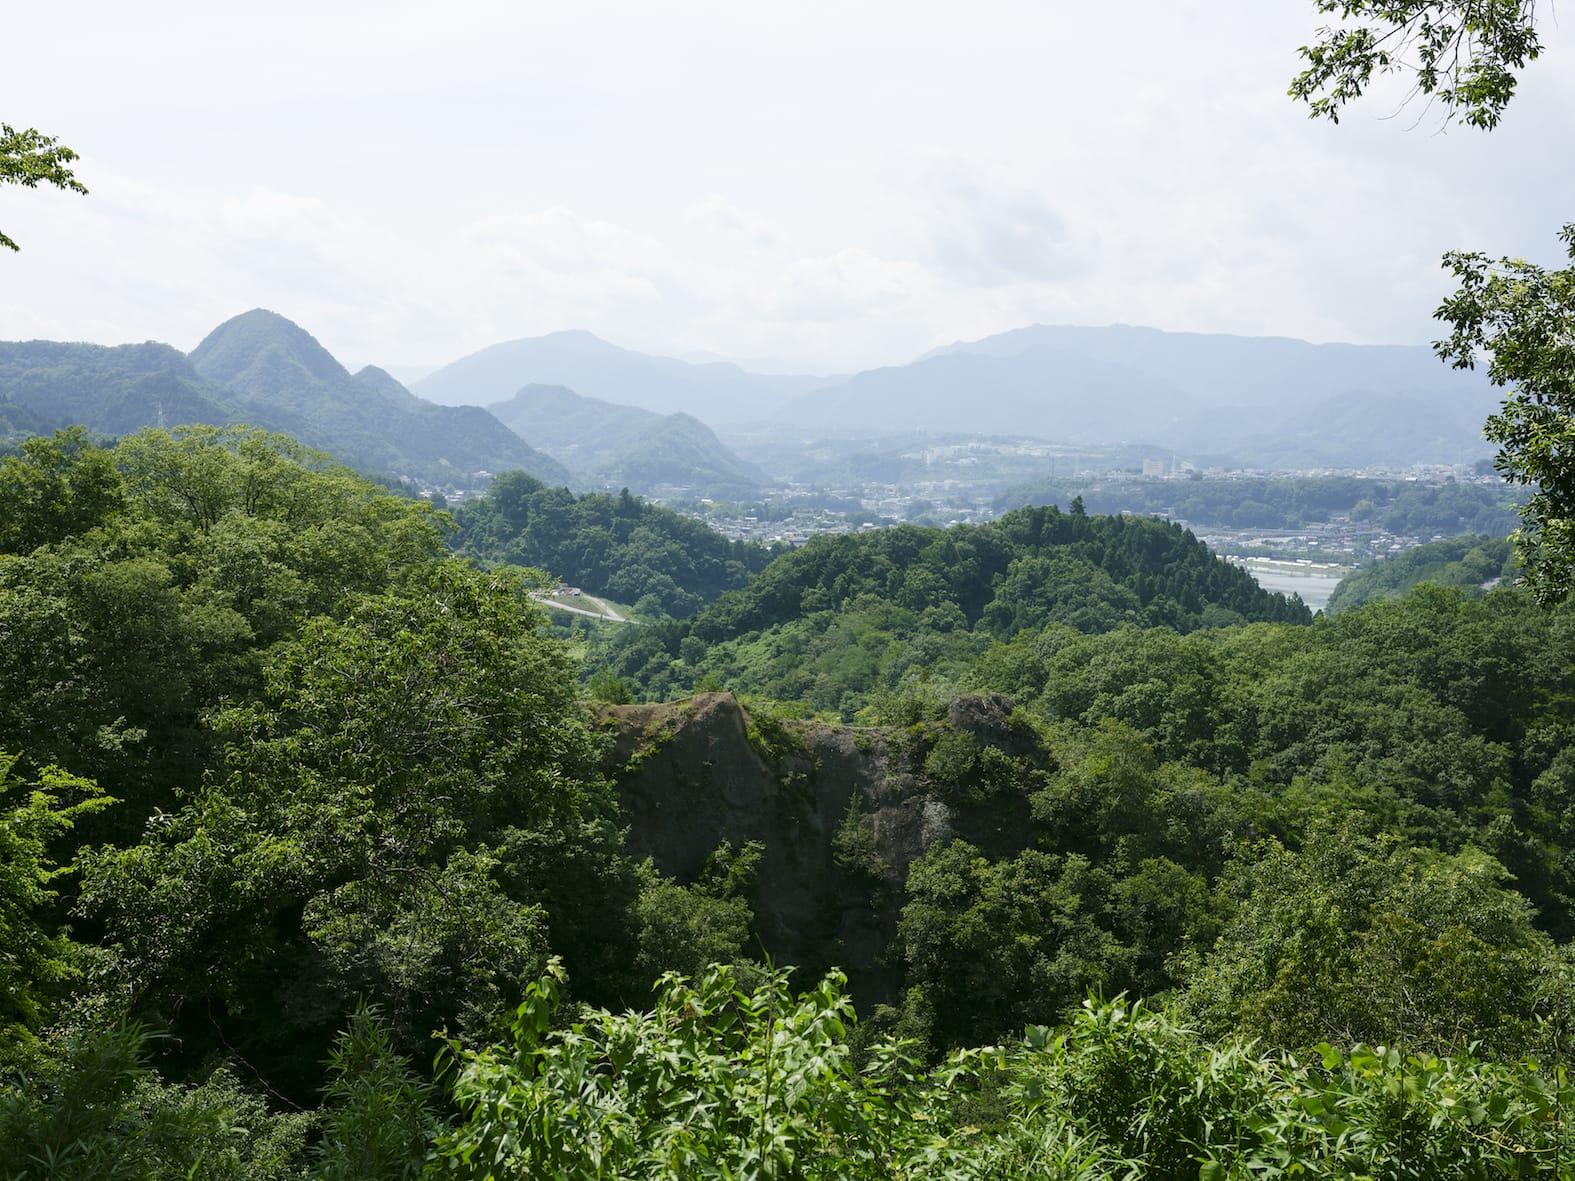 神奈川県と山梨県との県境にあり、山と湖に囲まれた藤野町。現在は相模原市緑区に位置し、都心から1時間30分というアクセスの良さと自然豊かなのどかな暮らしを求めて移住者が後をたたない。